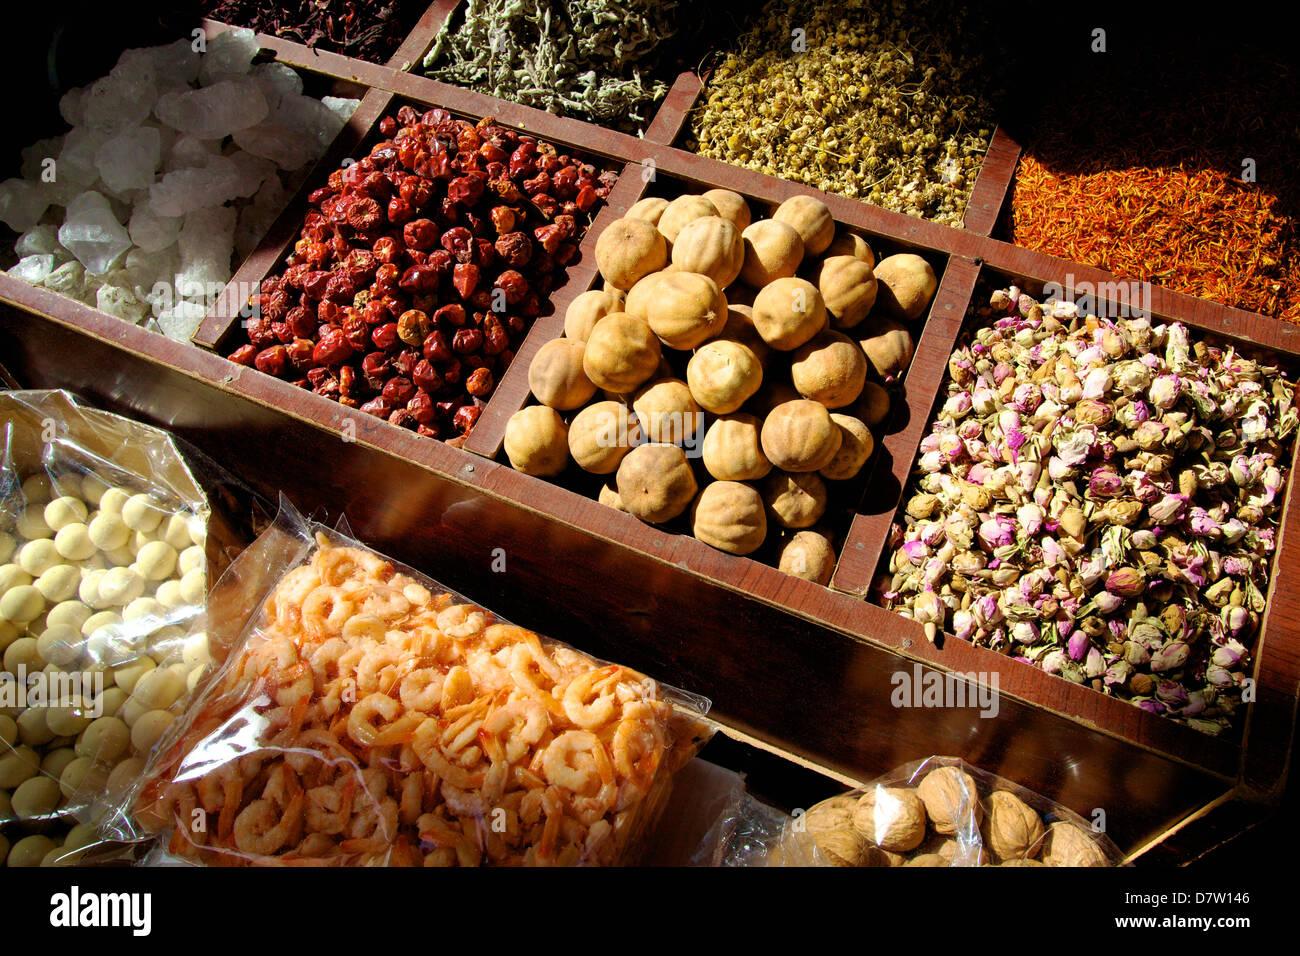 Straßenstand Verkauf von Kräutern und getrockneten Lebensmitteln, Dubai, Vereinigte Arabische Emirate, Stockbild